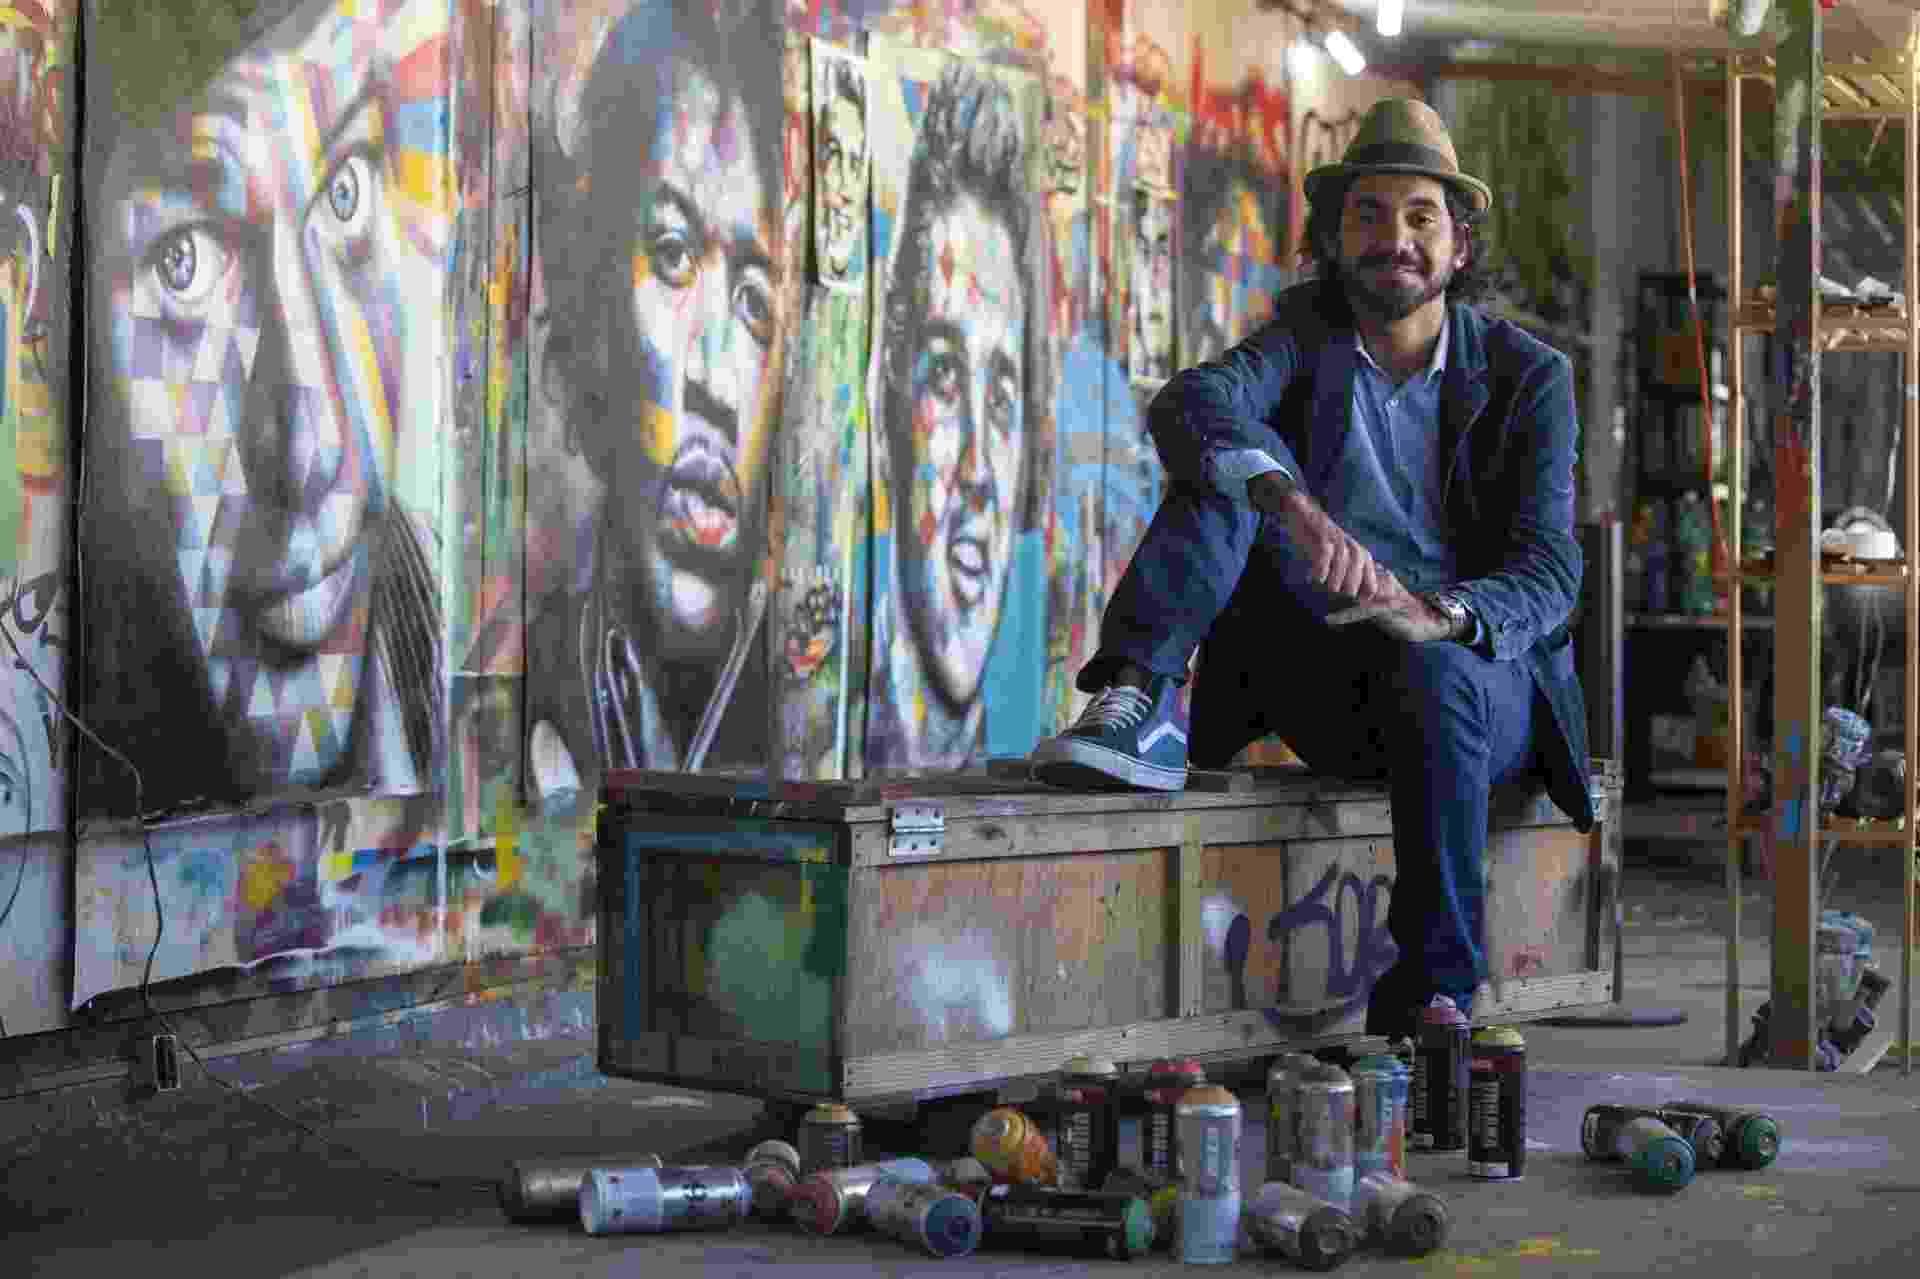 """7.ago.2014 - O muralista Eduardo Kobra, de 36 anos, diz que é um """"privilegiado"""" por quebrar o cinza dos muros com as cores vibrantes de suas obras e retratos.""""A verdade é que me sinto um privilegiado por pintar na rua. O maior museu é a rua, ao ar livre e que faz com a arte possa chegar a todas as pessoas, pobres ou ricos"""", revelou durante uma entrevista à Agência EFE. - EFE/SEBASTIÃO MOREIRA"""